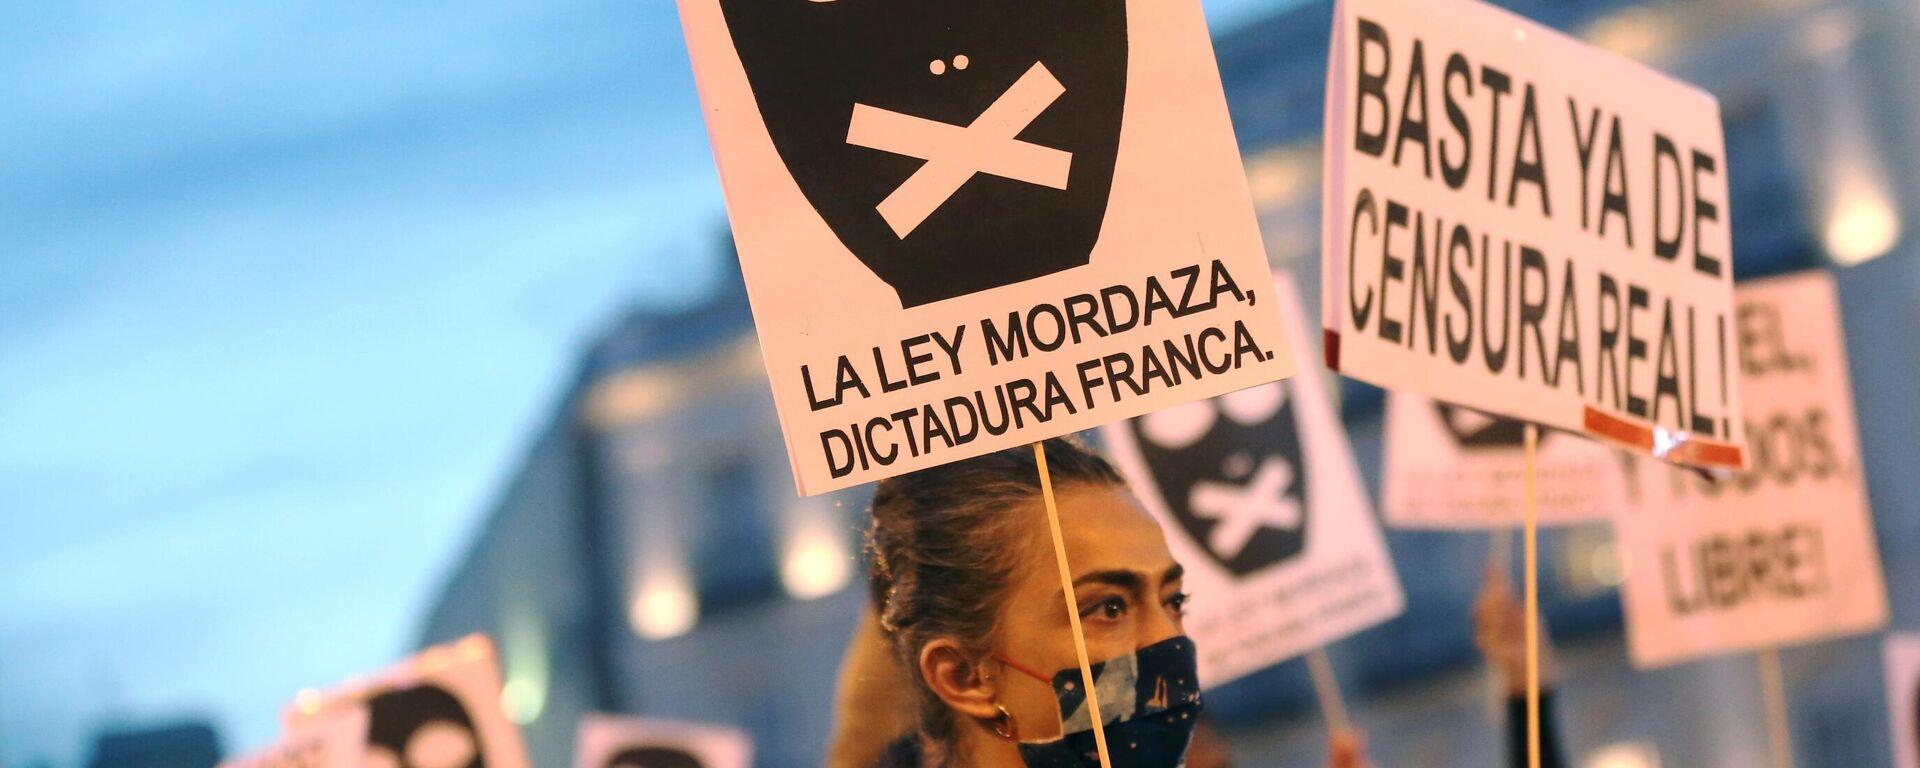 Proteste in Spanien  - SNA, 1920, 19.02.2021